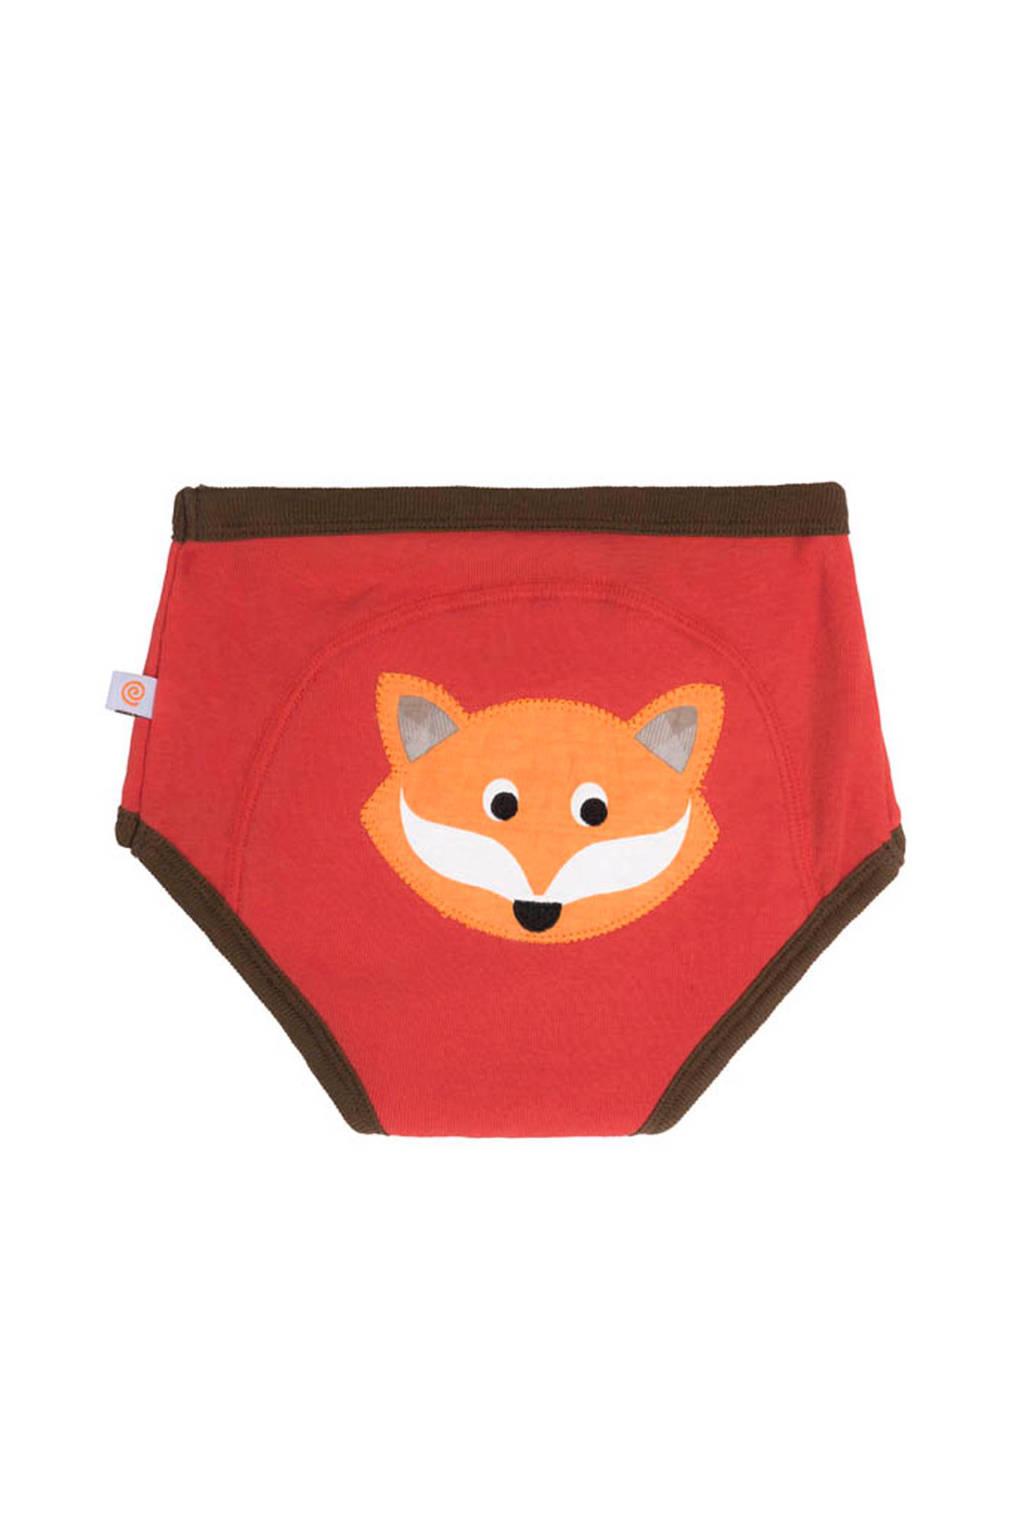 Zoocchini Finley the Fox trainingsbroekje 2-3 jaar